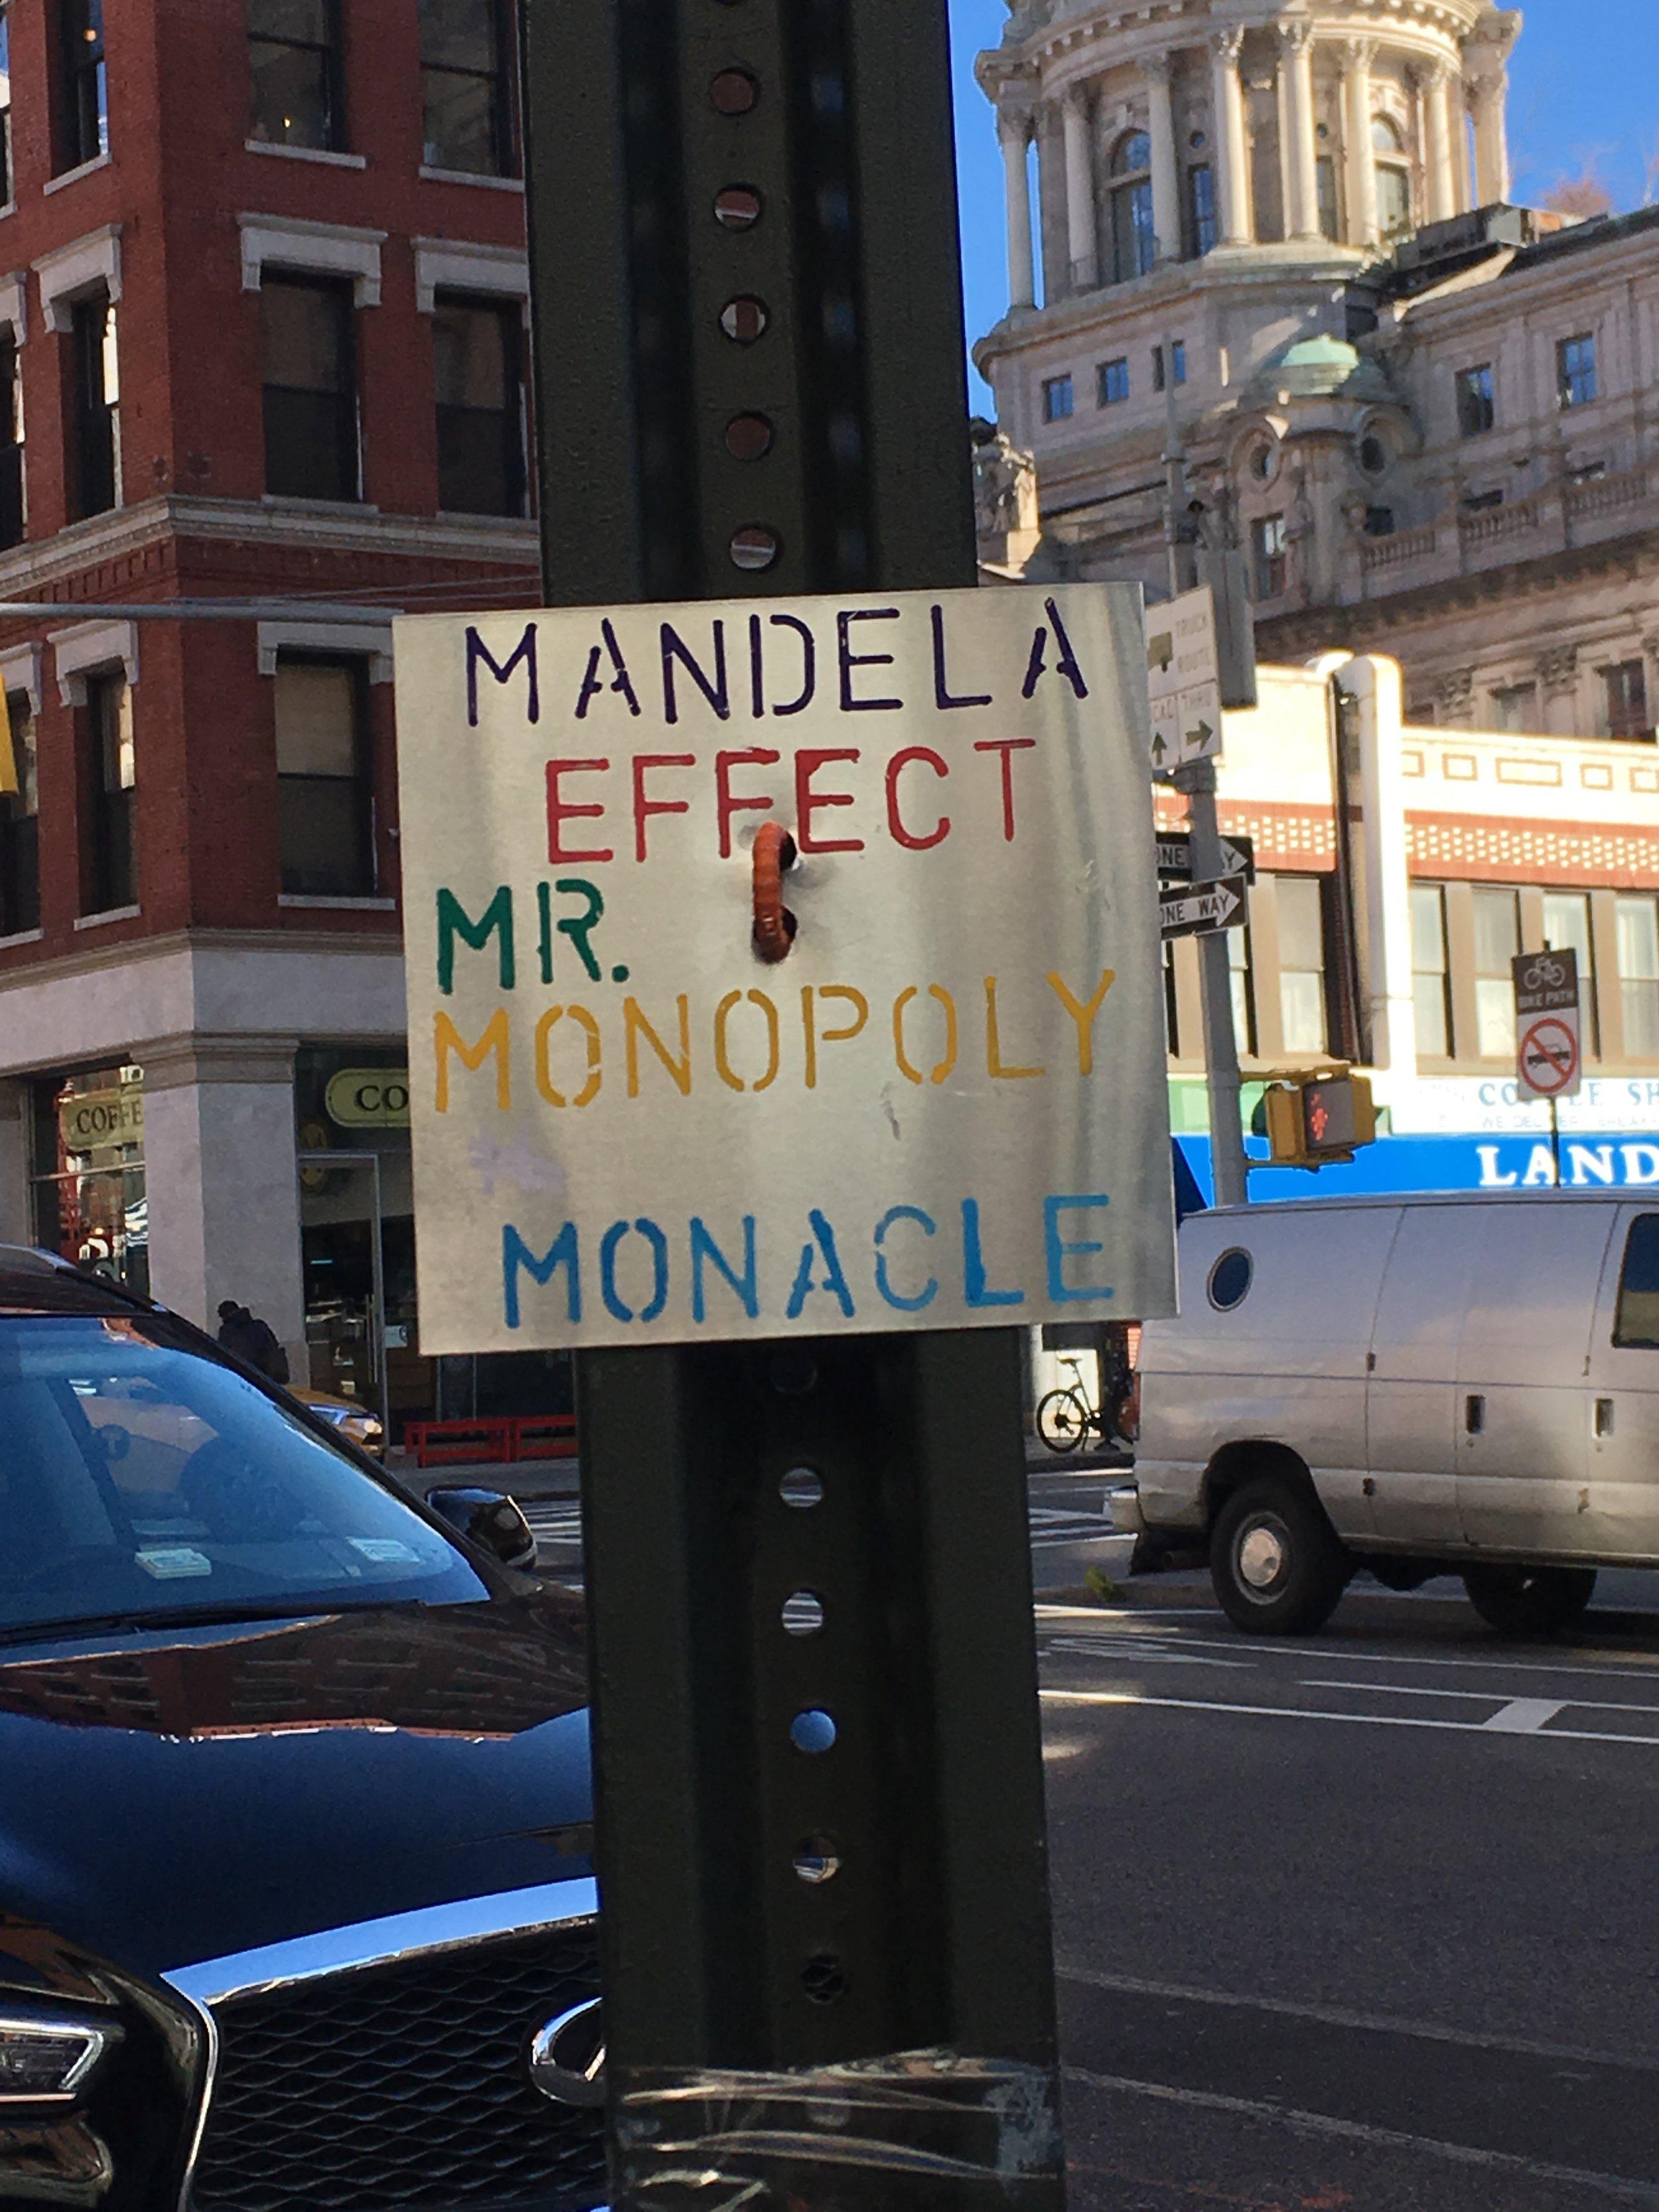 mandelaeffectmrmonacle.jpg